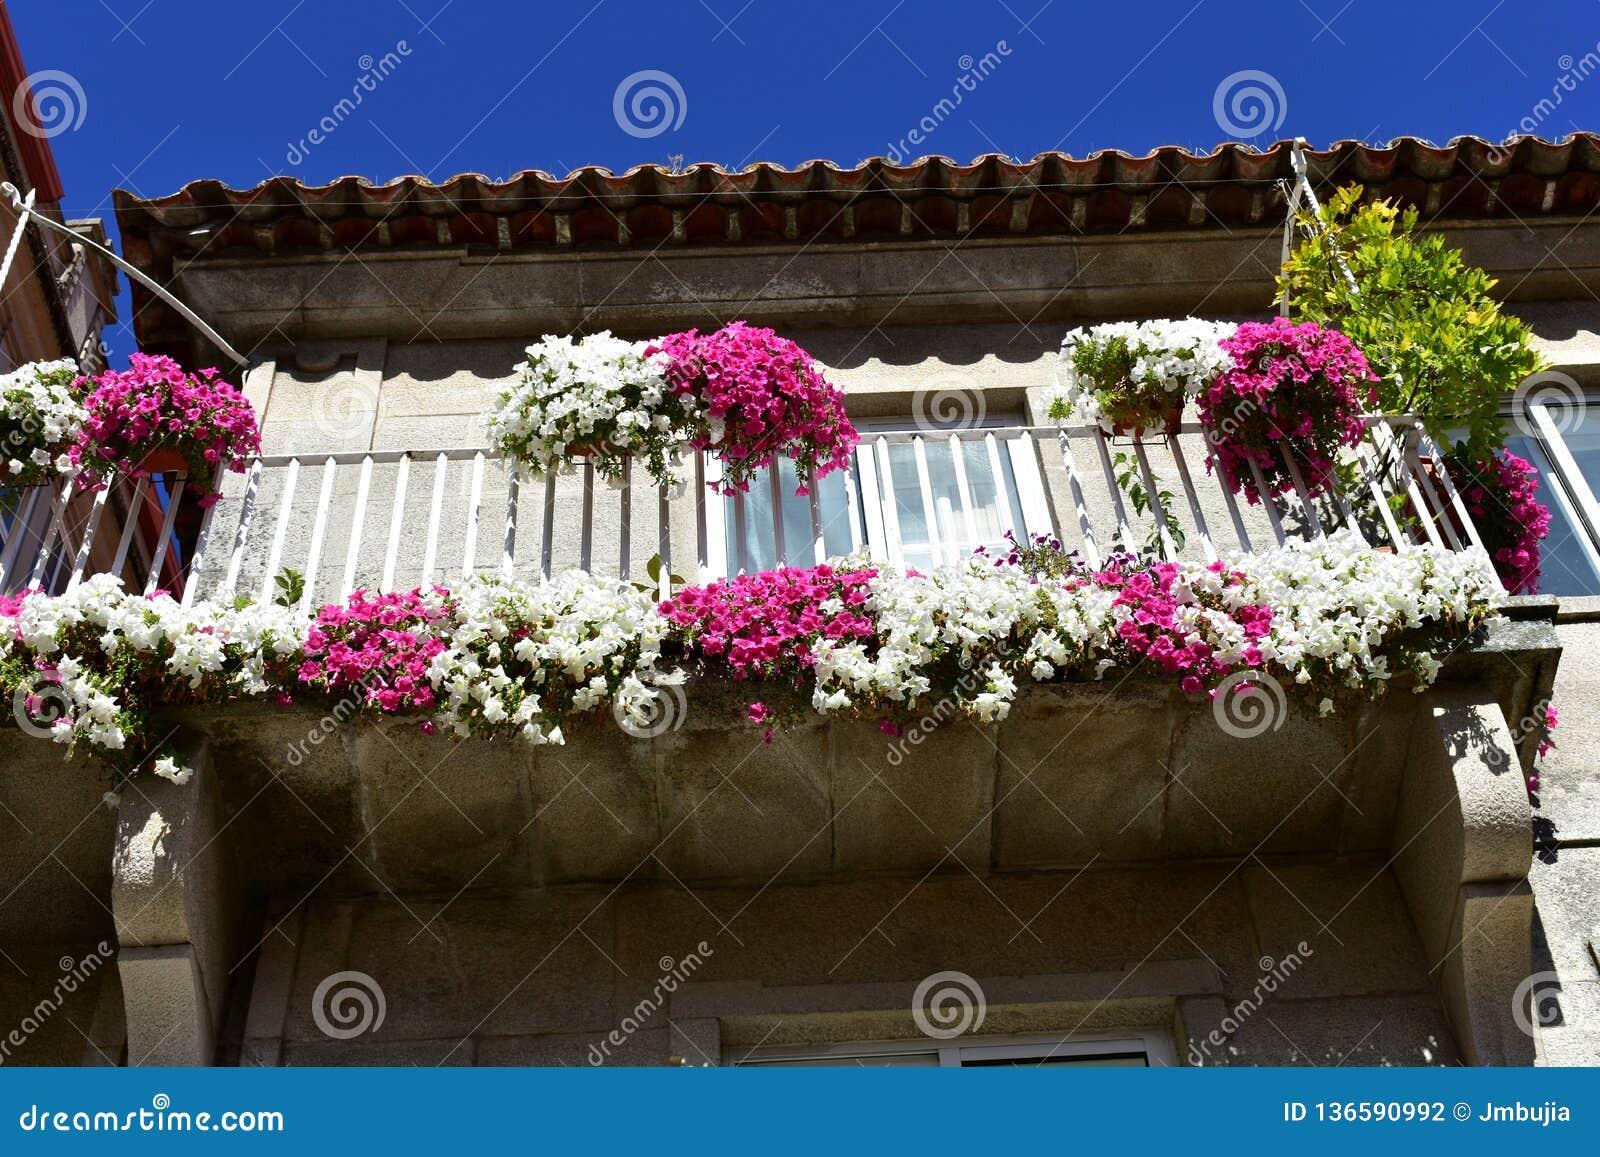 Балкон с белыми и розовыми цветками Солнечный день, голубое небо Понтеведра, старый городок, Галиция, Испания